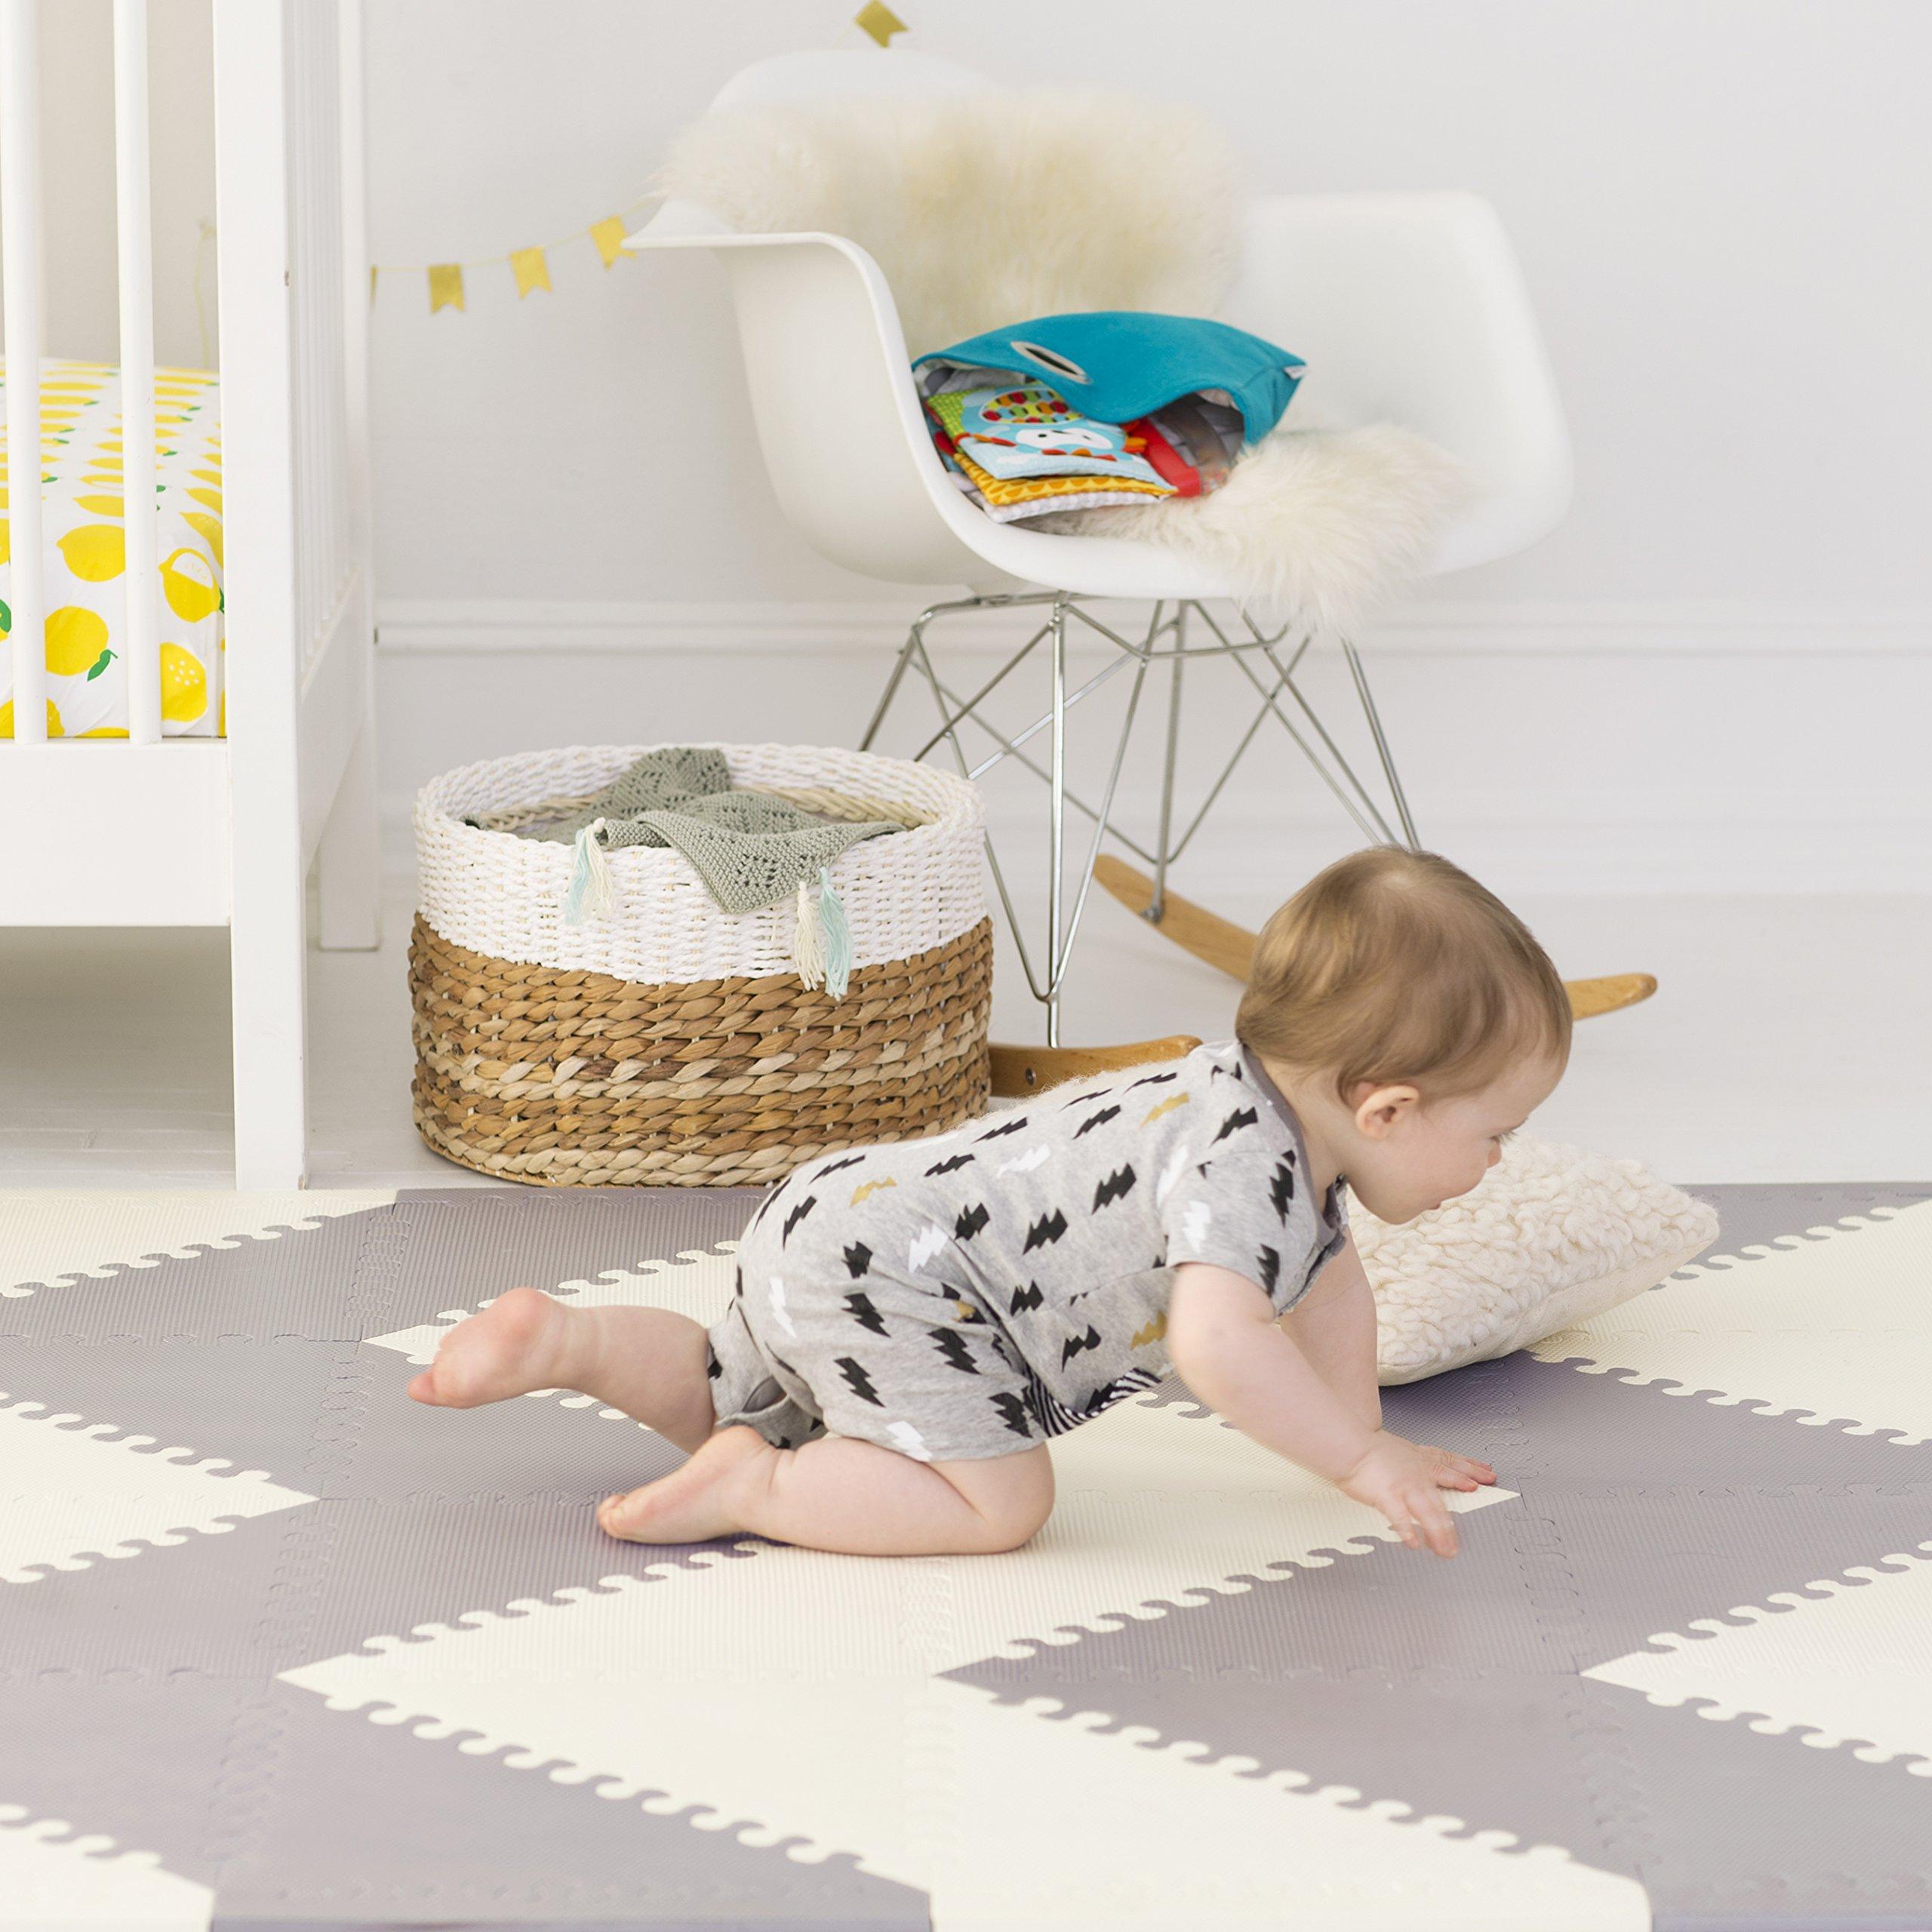 Skip Hop Playspot Interlocking Foam Play Mat For Babies